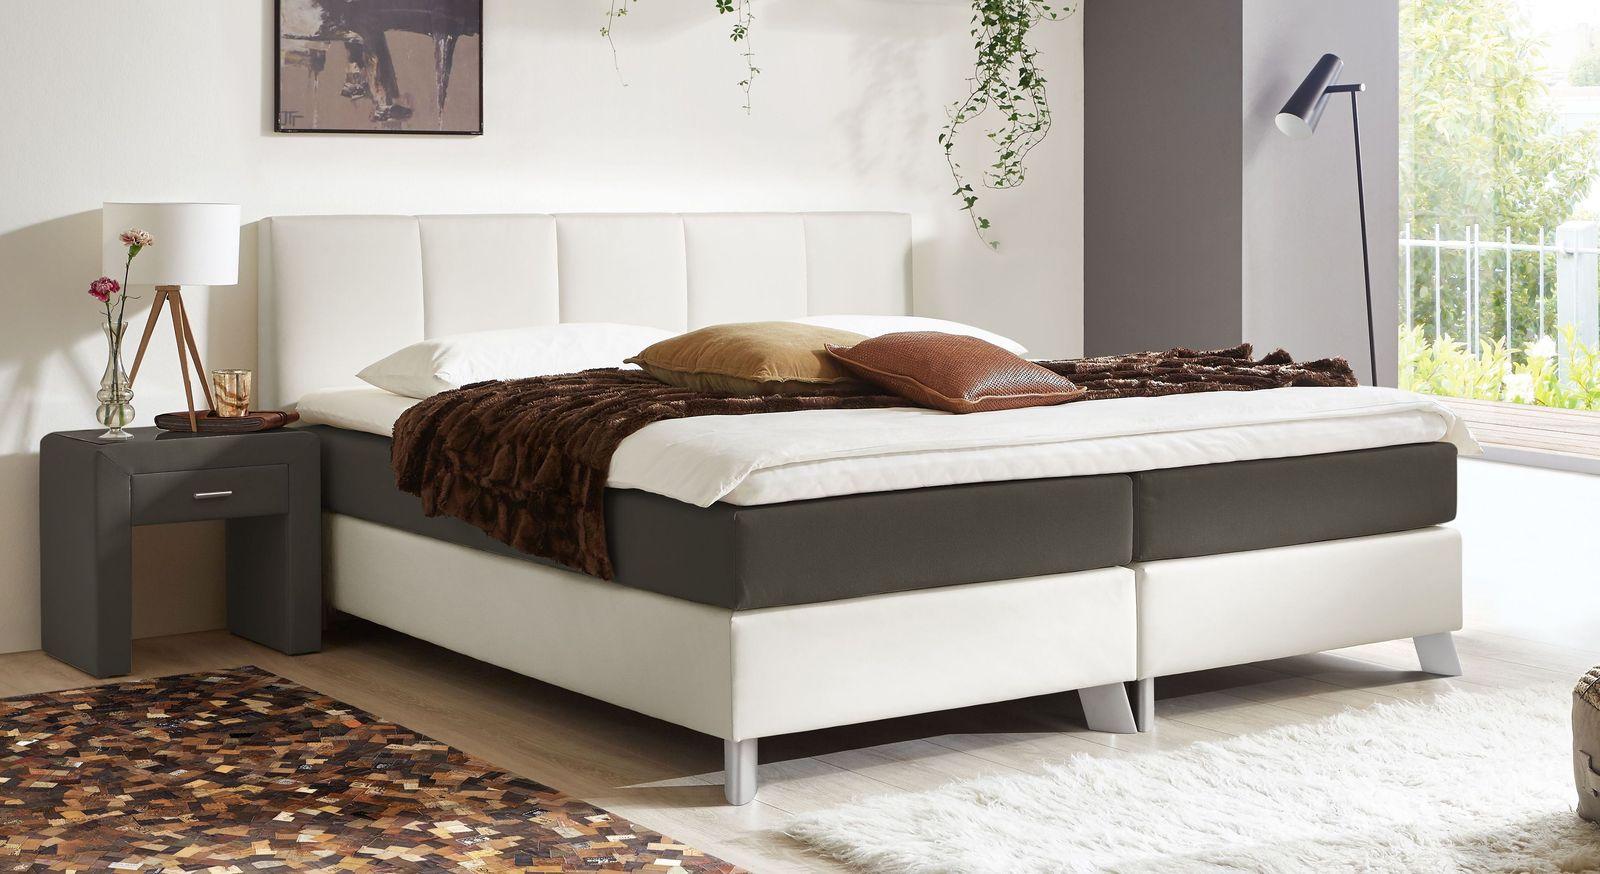 53 cm hohes Boxspringbett Oceanside aus weißem Kunstleder und anthrazitfarbenem Webstoff